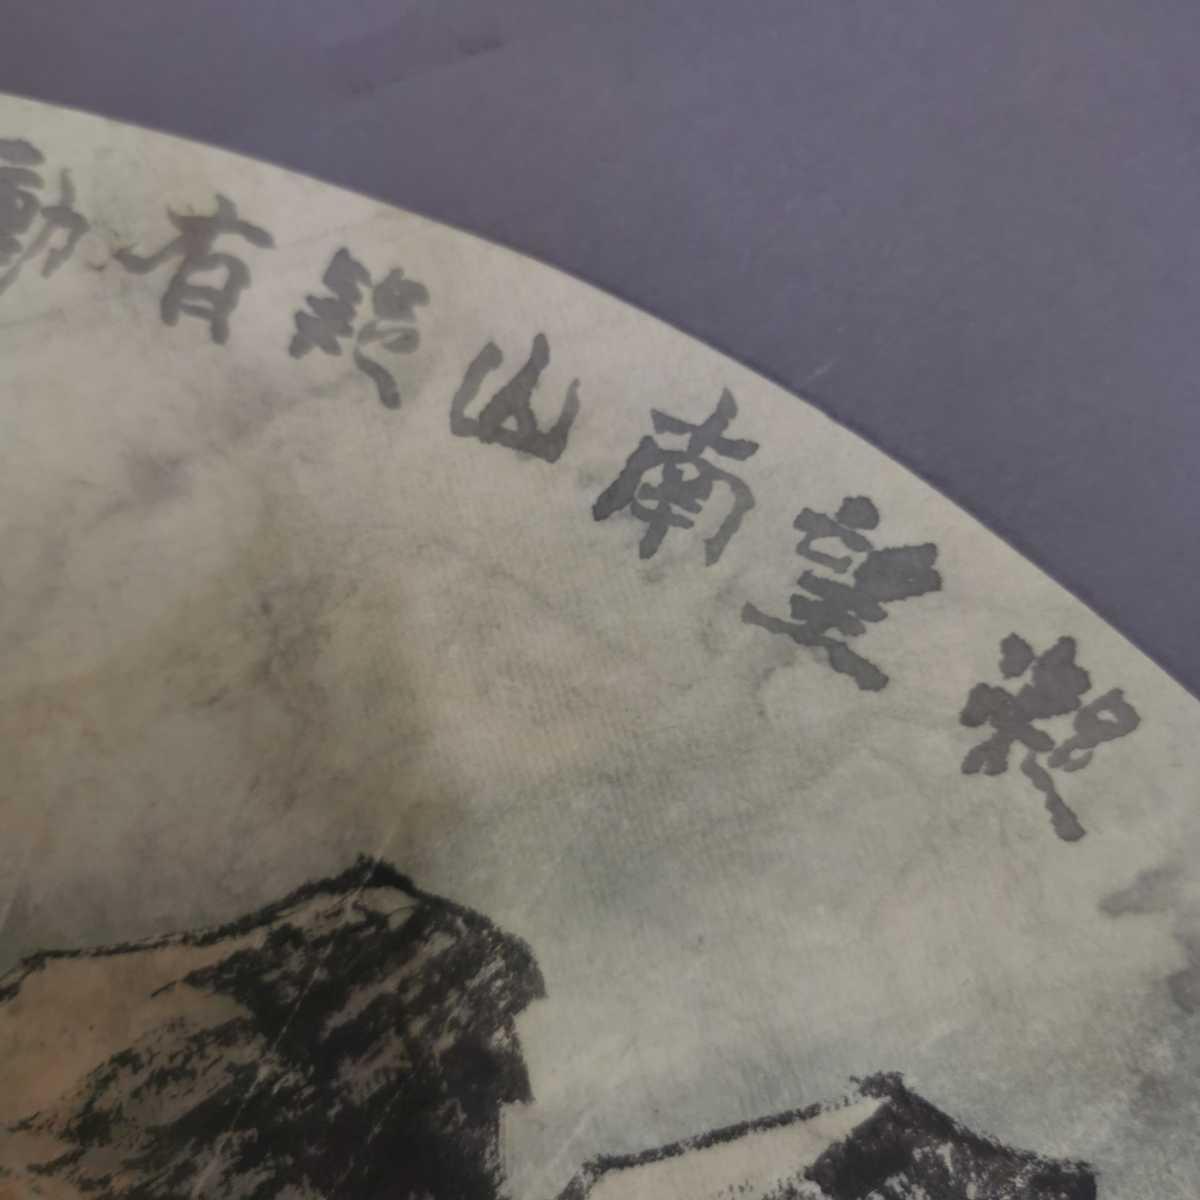 中国美術 扇面 掛軸 虎図 紙本 肉筆保証 掛け軸 時代物 在銘 中国古美術 唐物000307_画像9